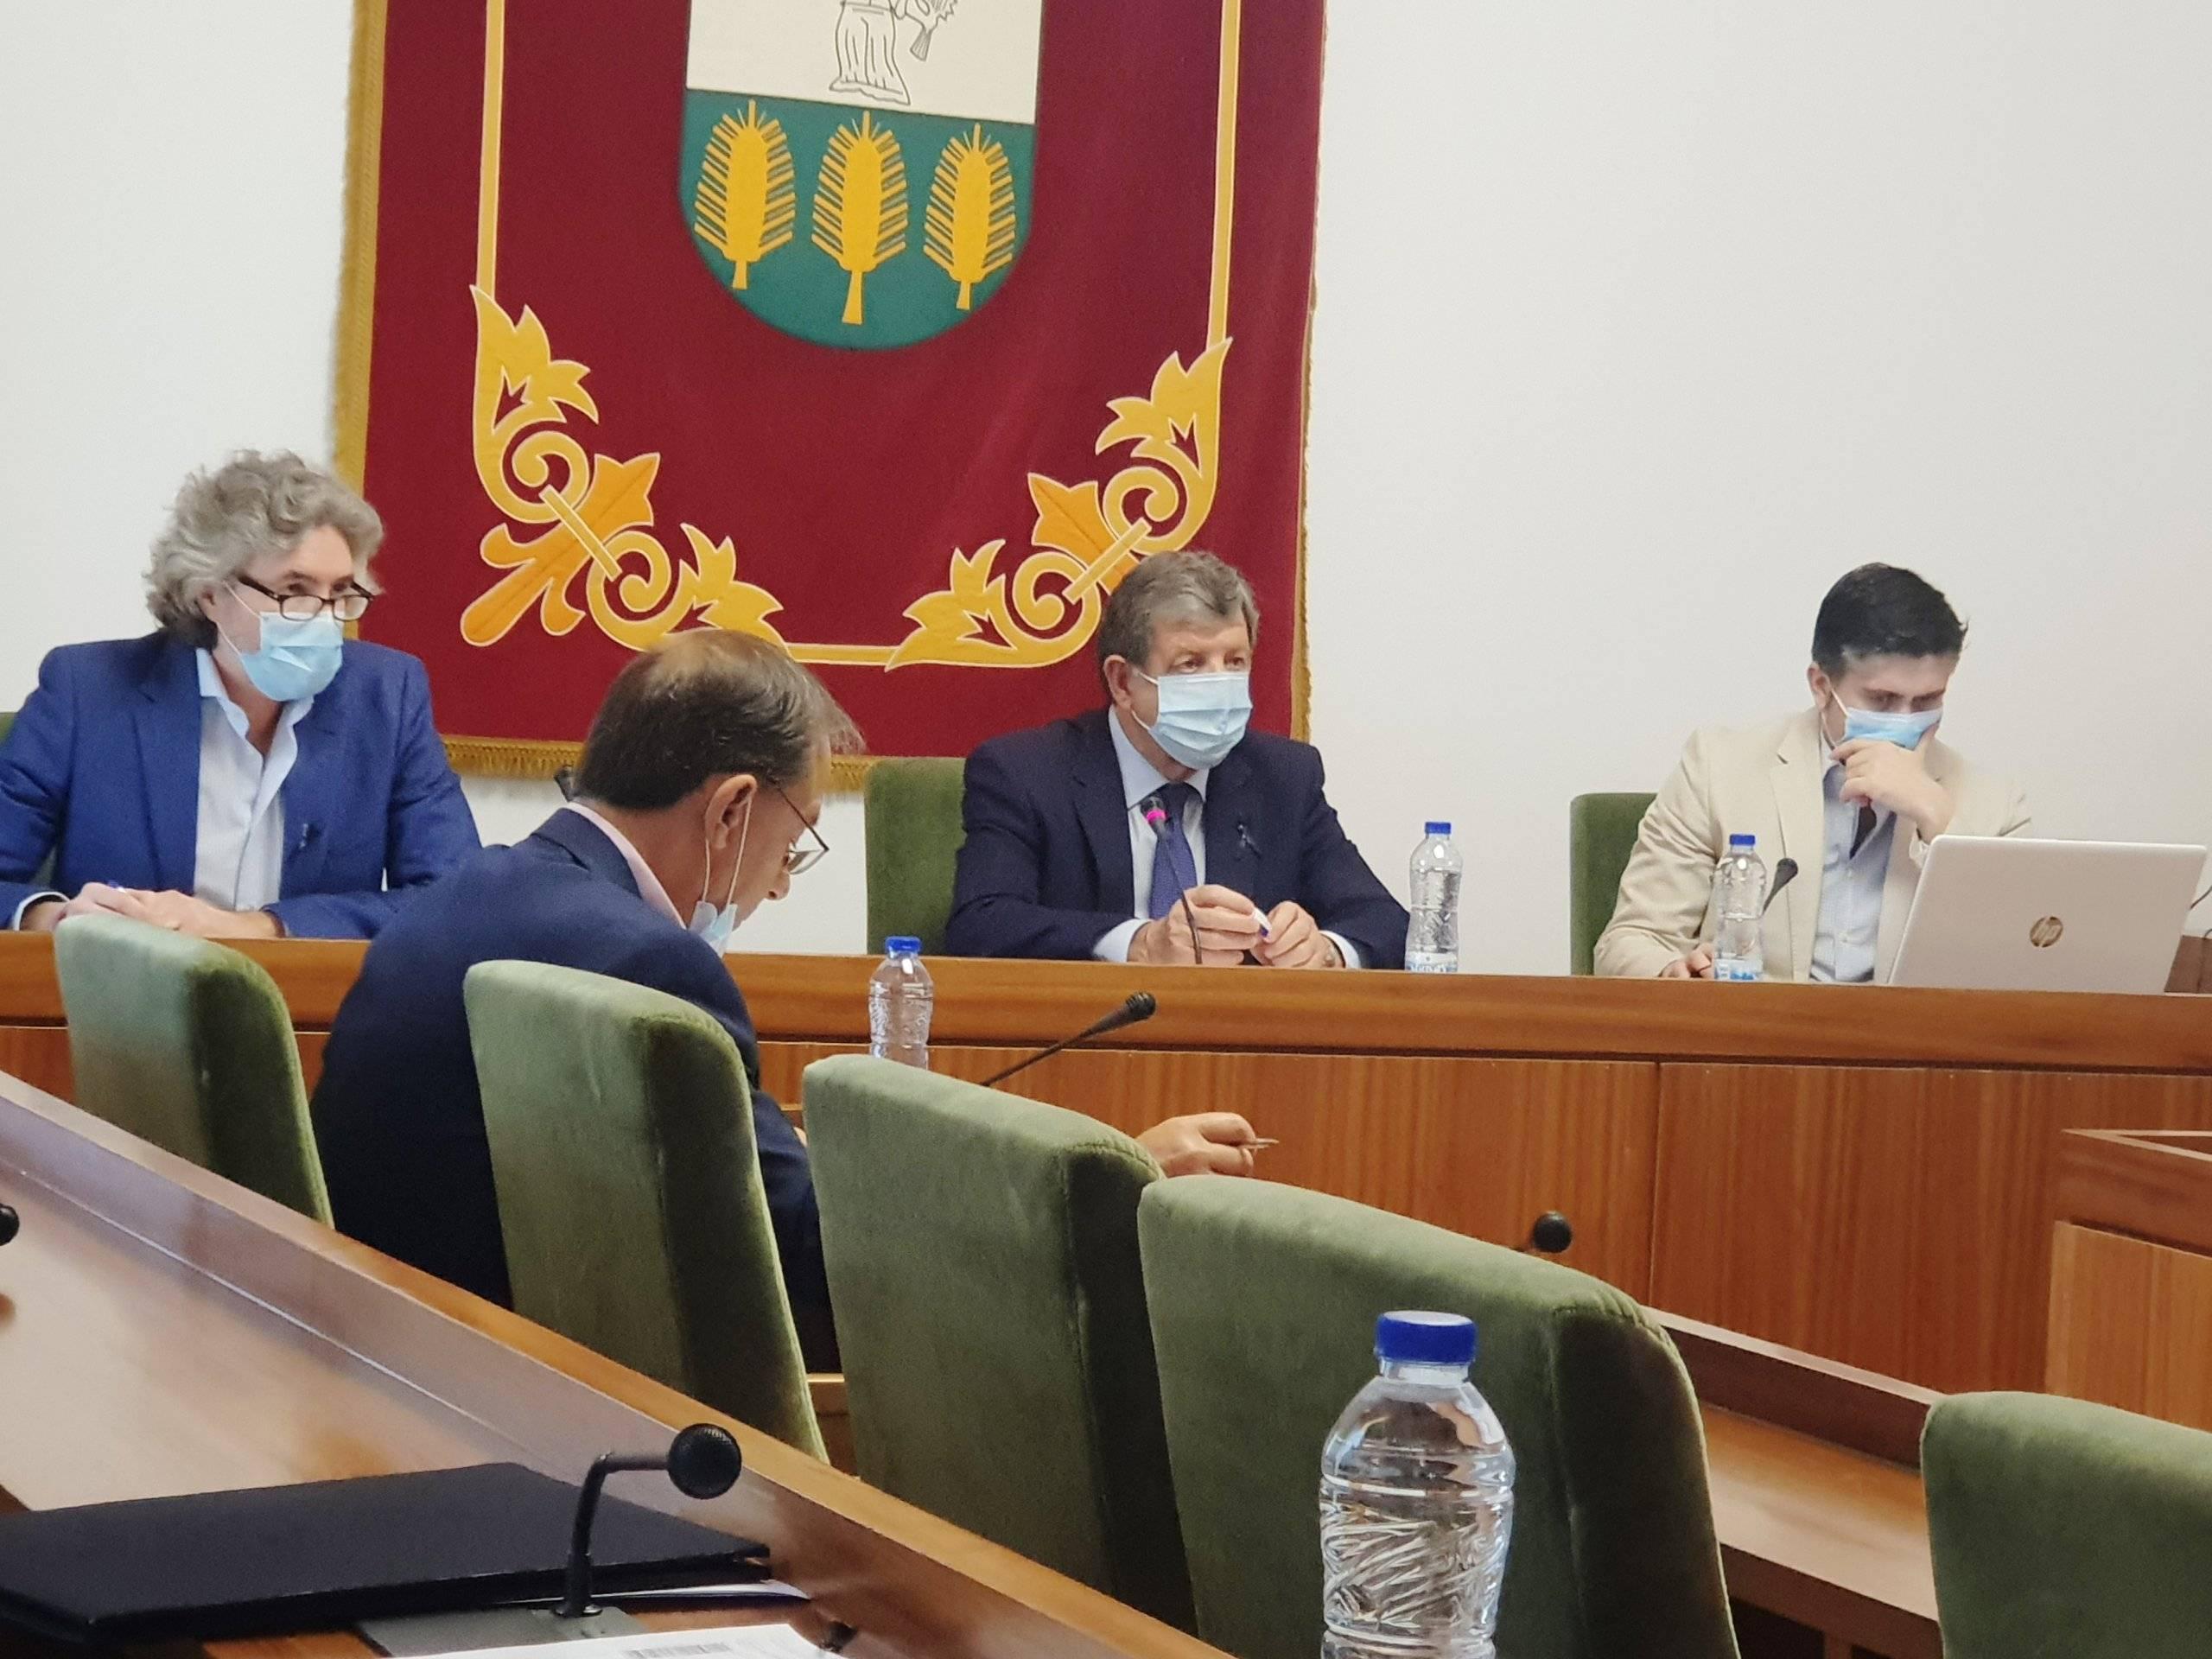 El alcalde, Luis Partida, junto al interventor, el secretario y el portavoz del PP.